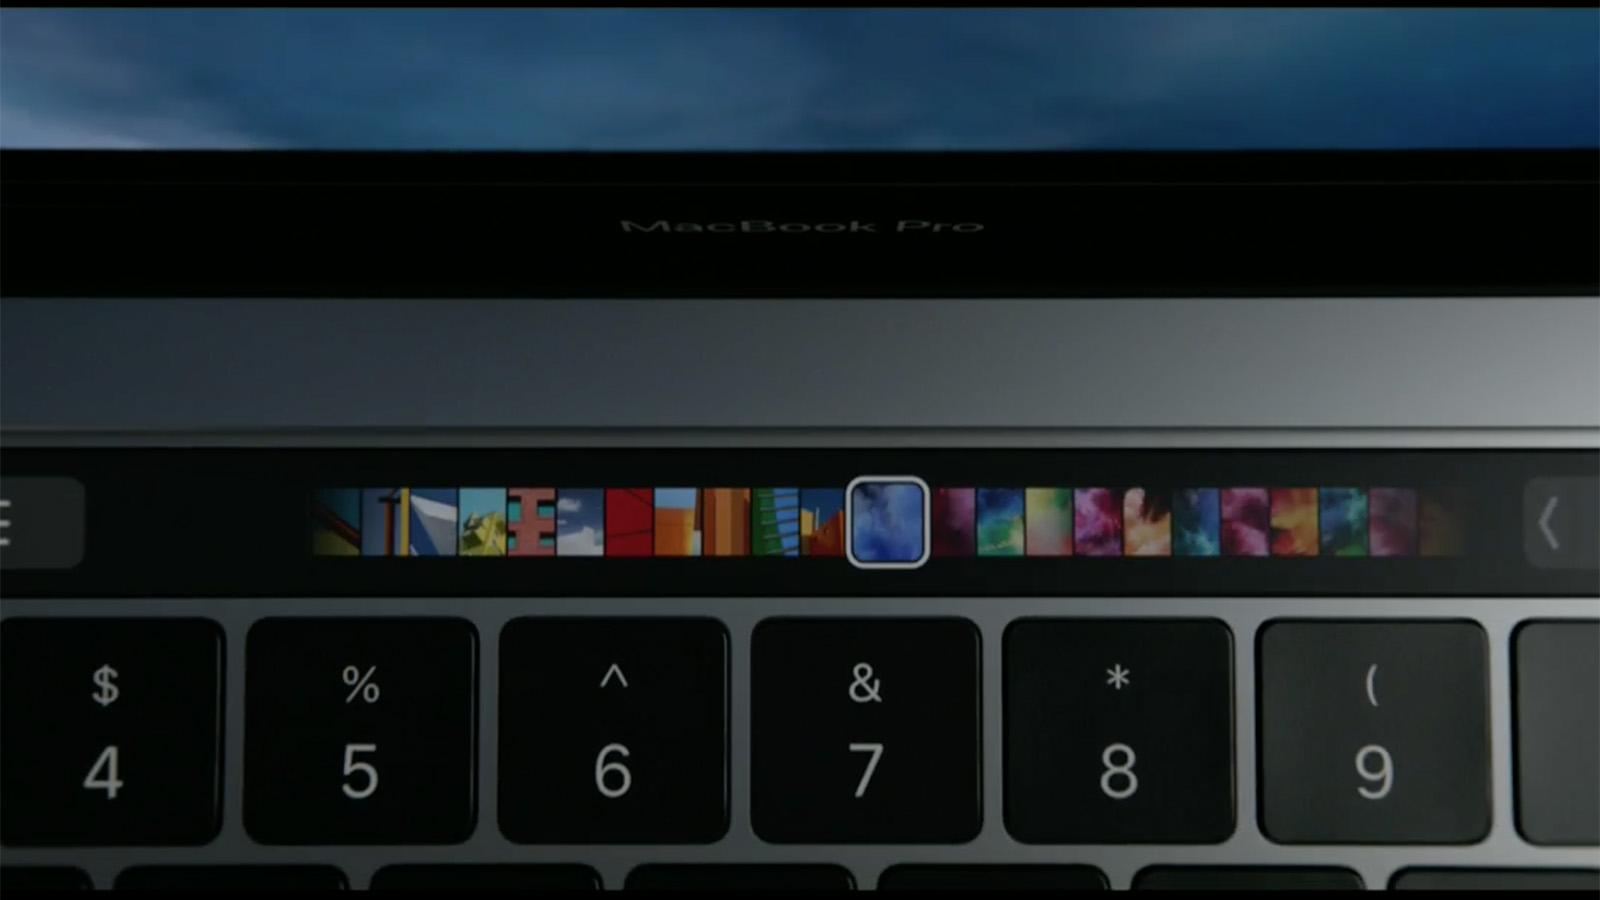 2016年 MacBook Pro タッチバー